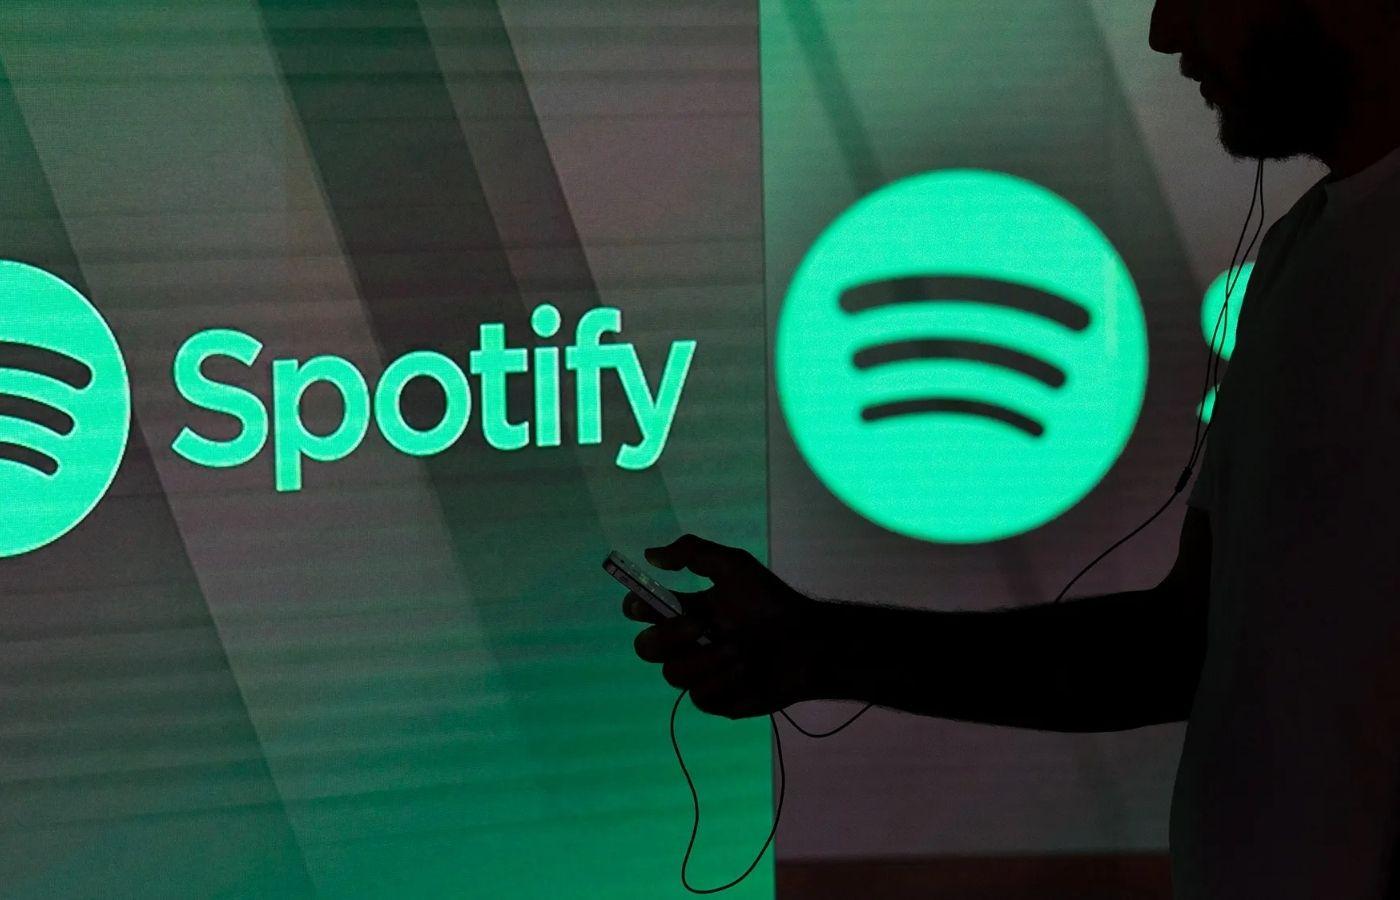 Más de 180 músicos se oponen a la nueva patente de monitoreo de voz de Spotify en una carta abierta